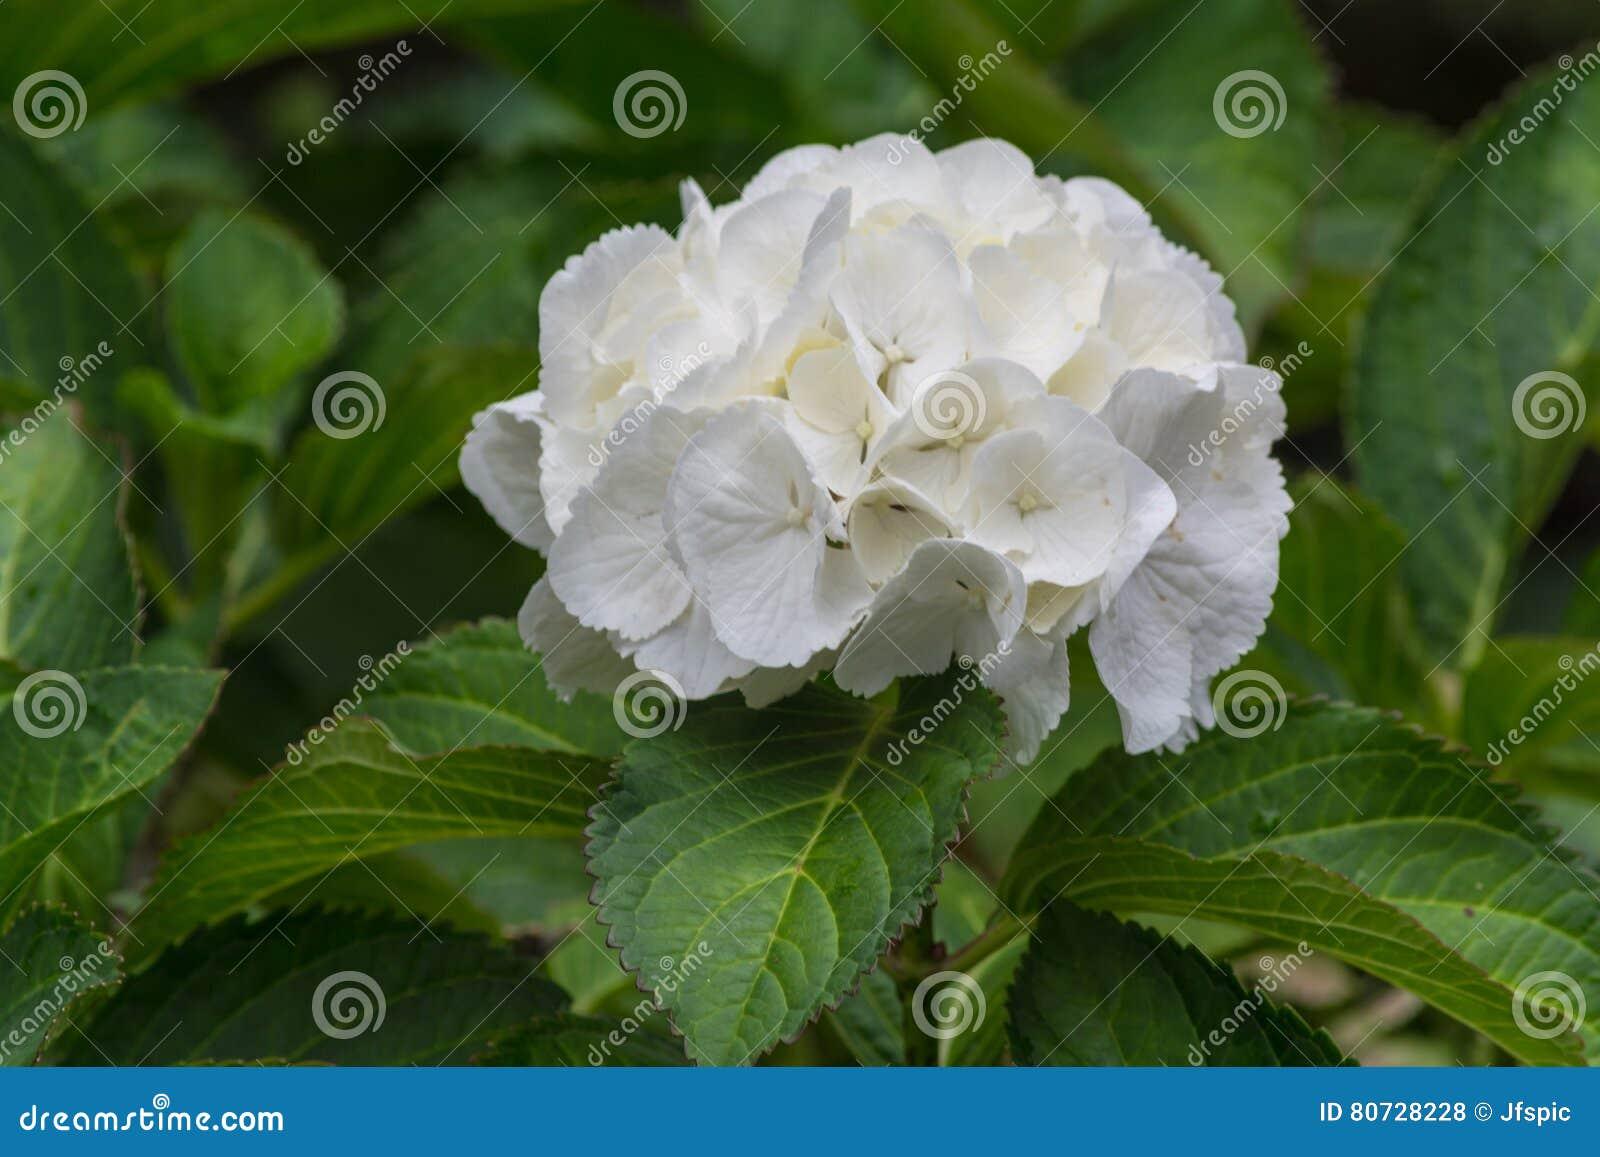 Ortensie Con Foglie Arricciate : Ortensie bianche con le foglie verdi fotografia stock